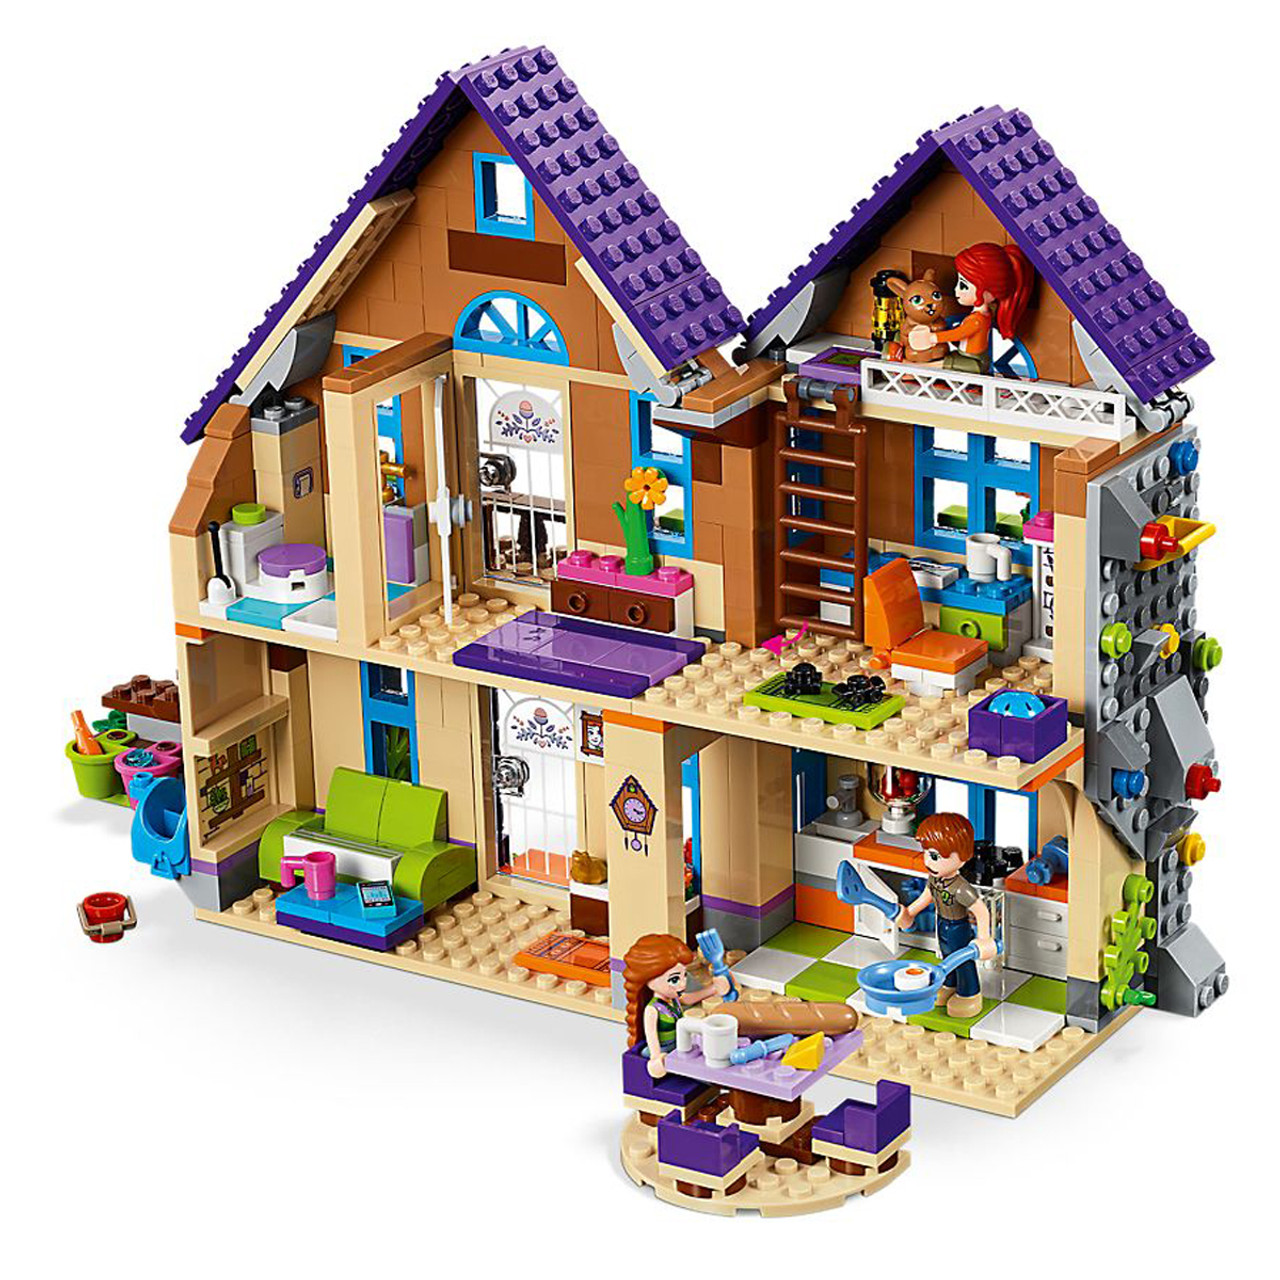 Lego Friends 41369 Mias House Purple Turtle Toys Australia